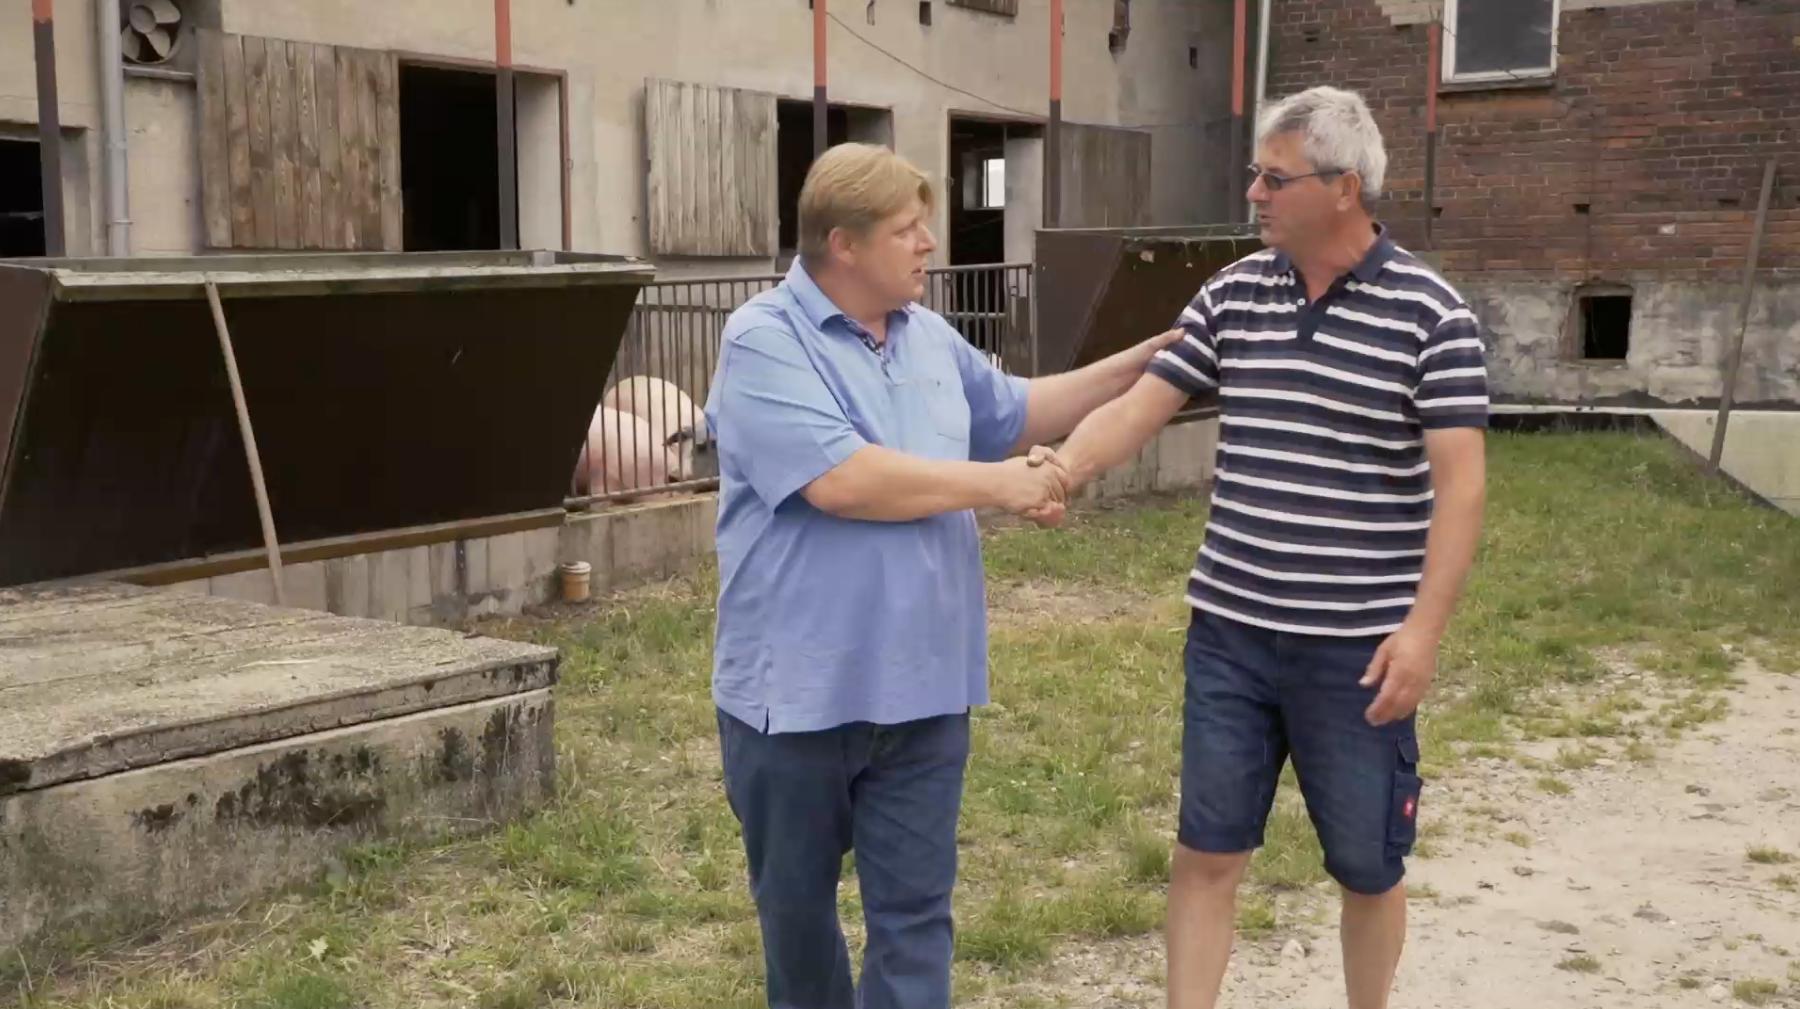 Mein Schiff Chefkoch Rupert Kien mit Landwirt Sven Gürth